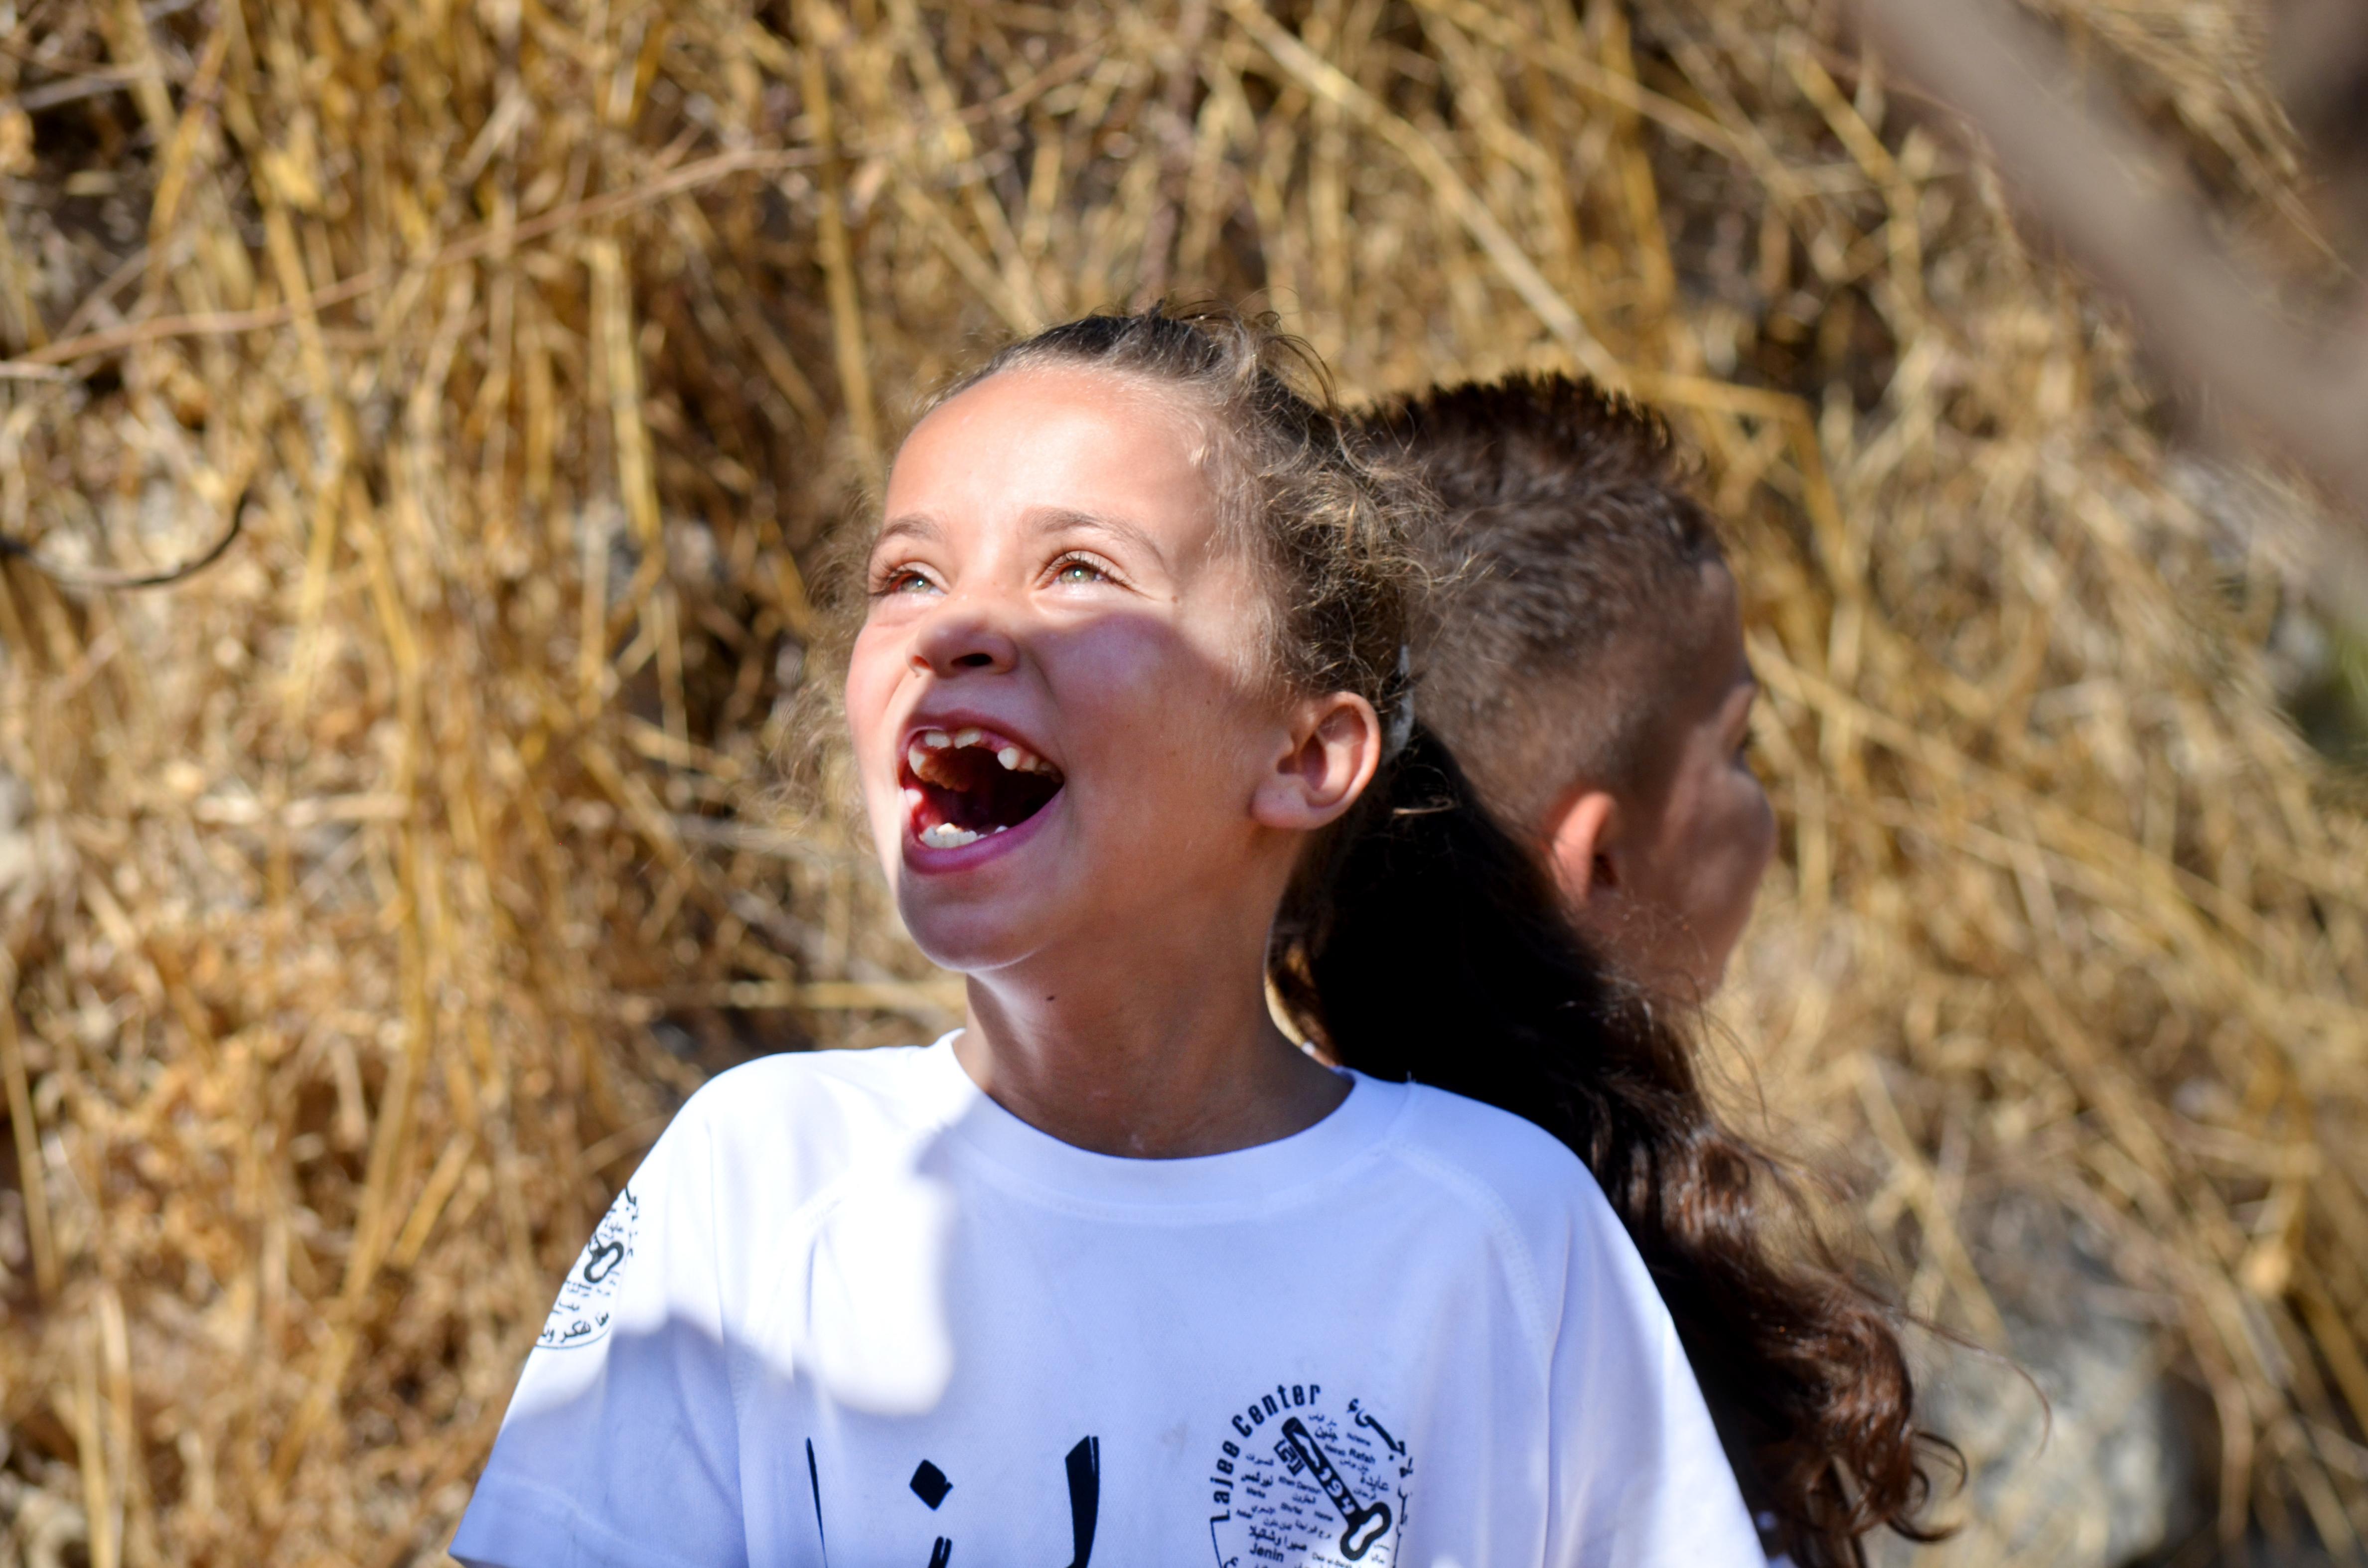 Rim, gazela blanca en árabe